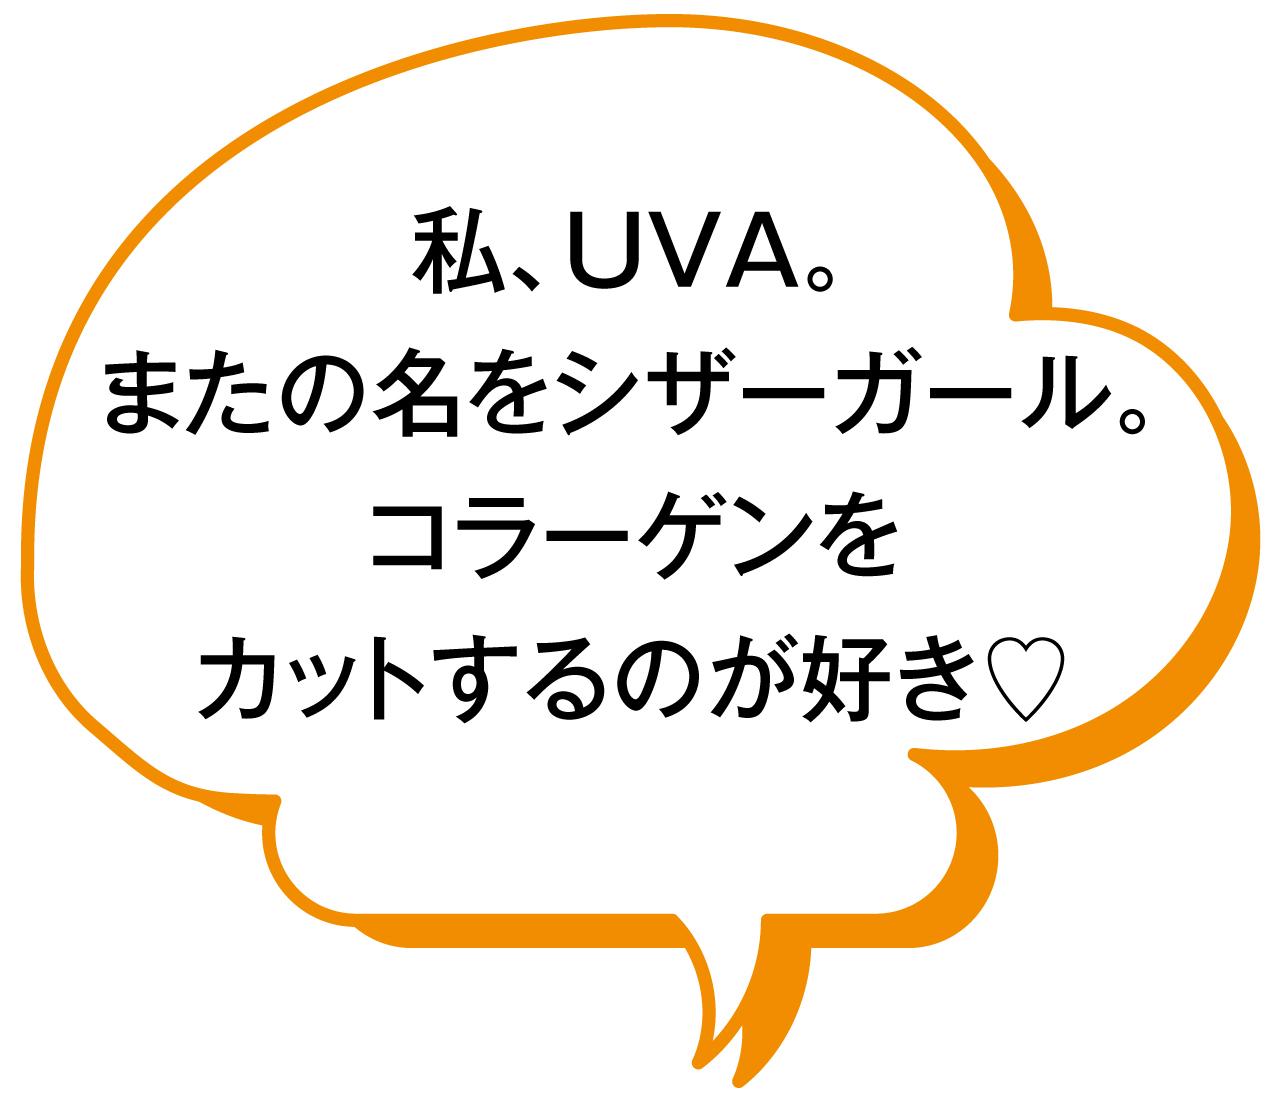 私、UVA。またの名をシザーガール。コラーゲンをカットするのが好き♡